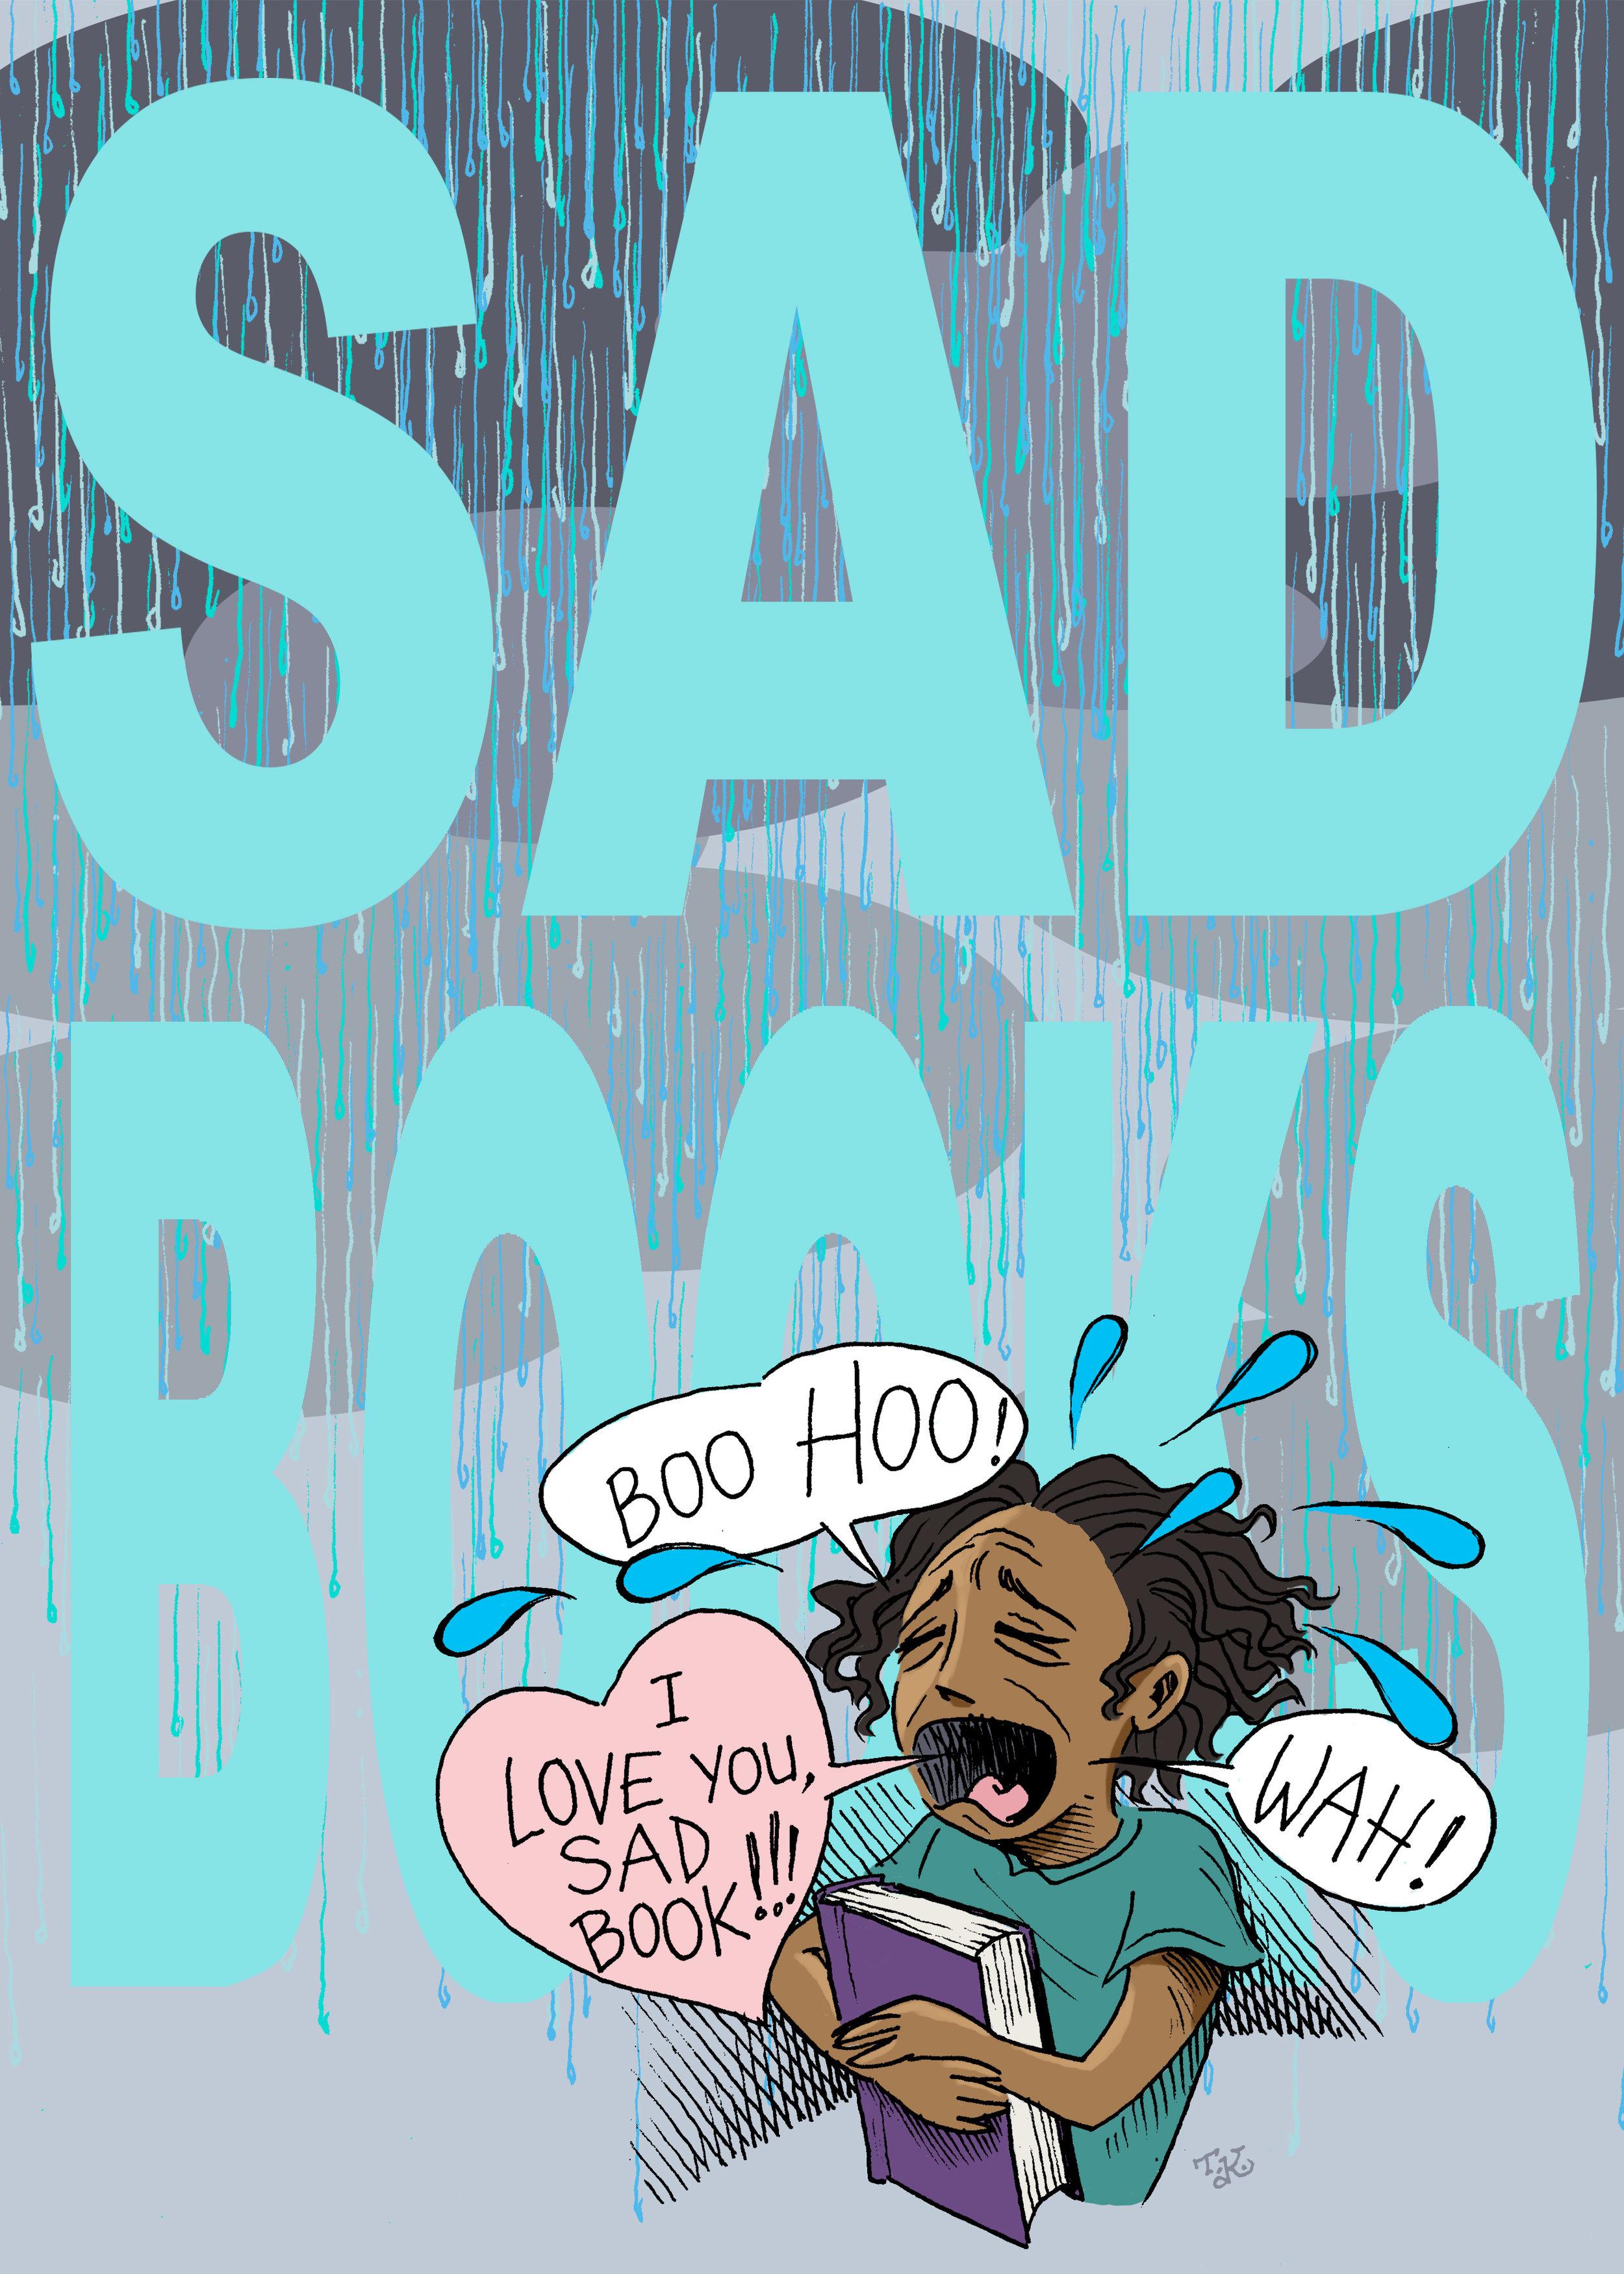 Sad books